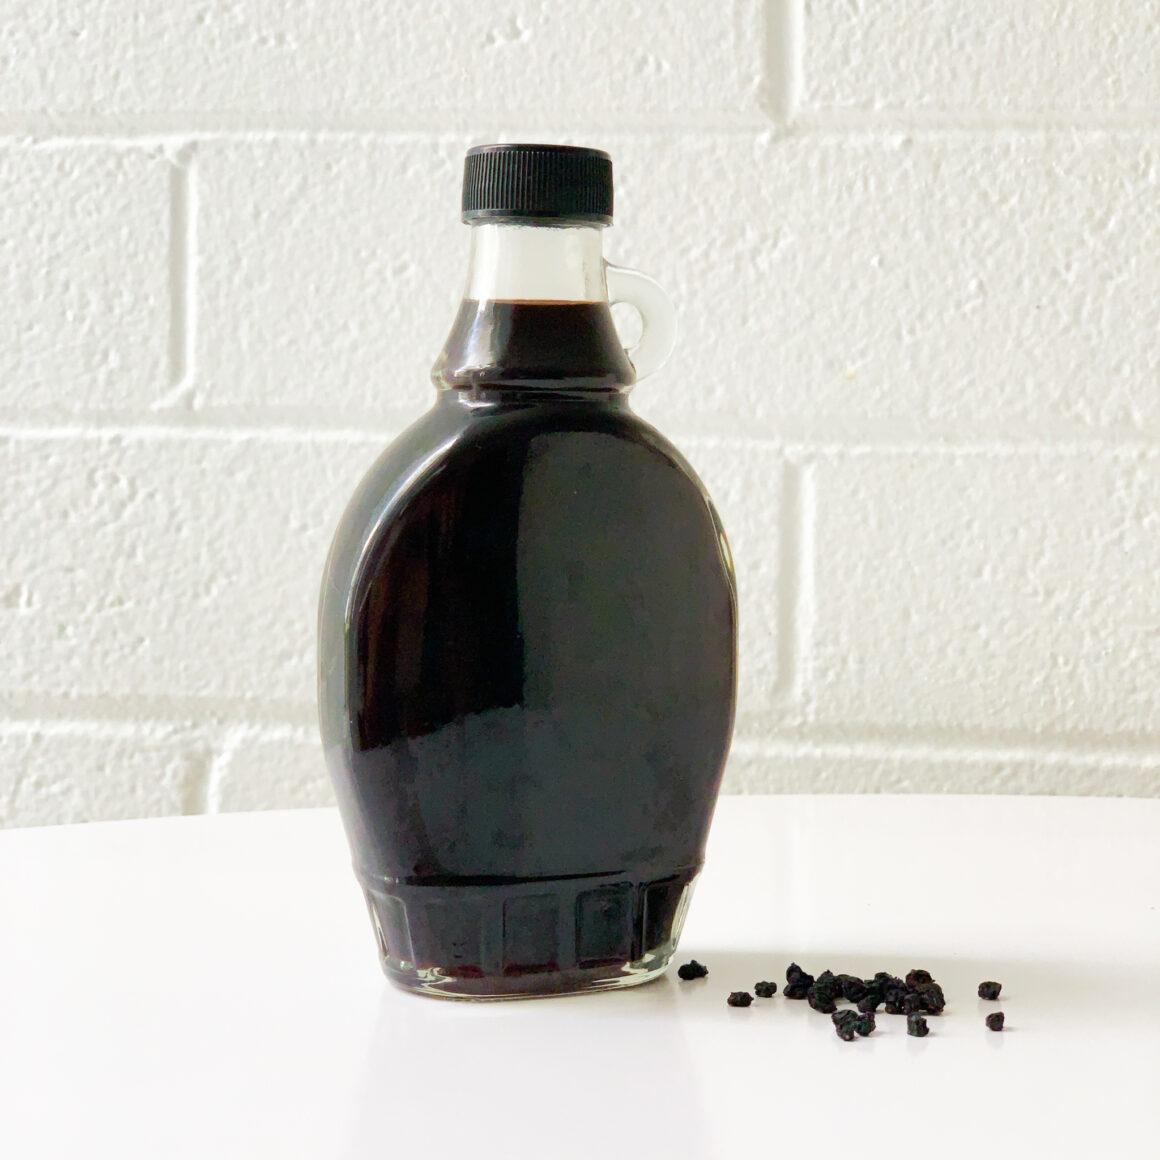 DIY Cough syrup recipe